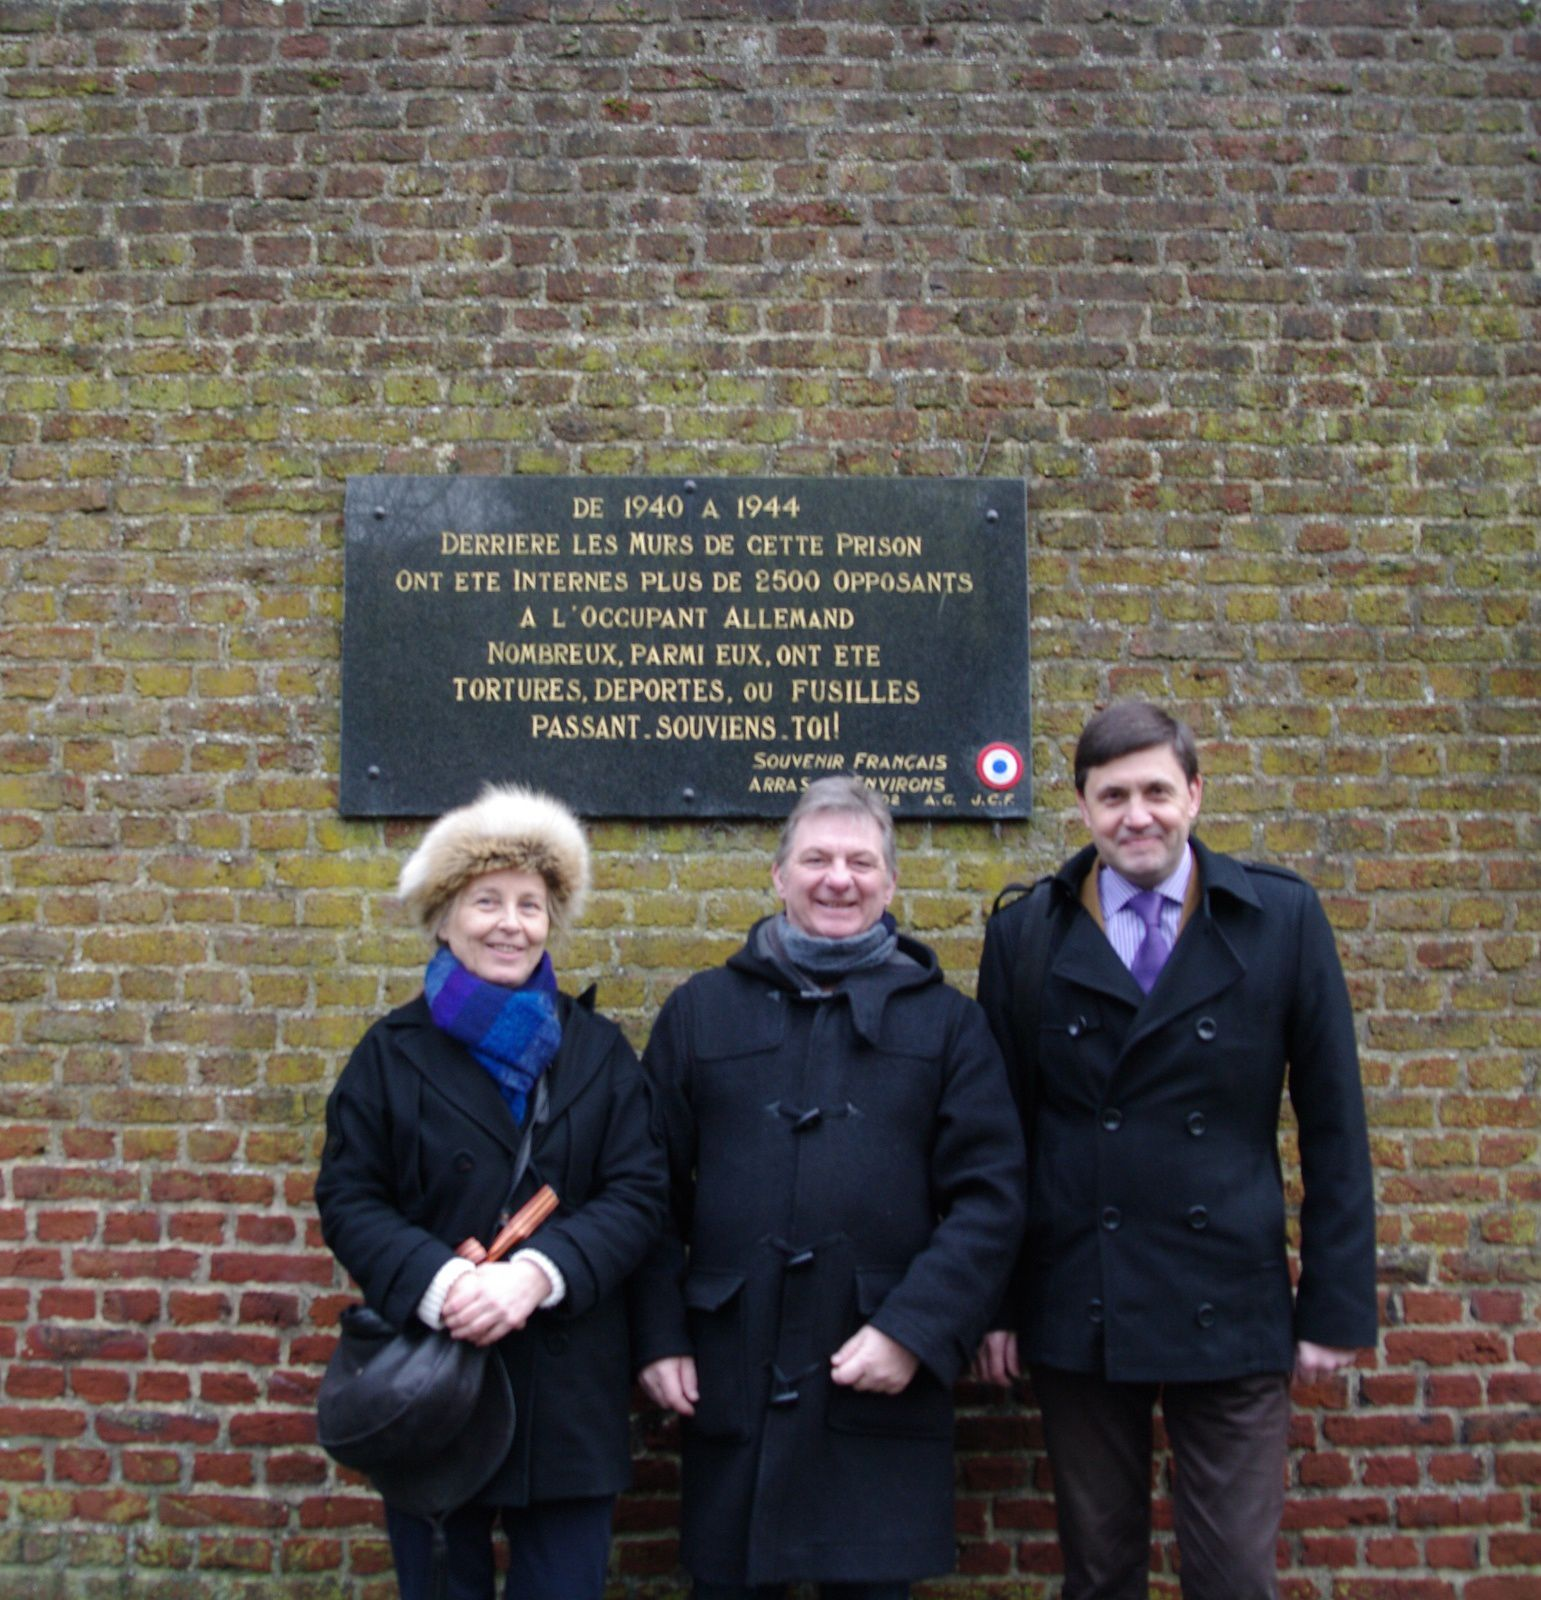 Des communistes ukrainiens en visite dans le Pas-de-Calais